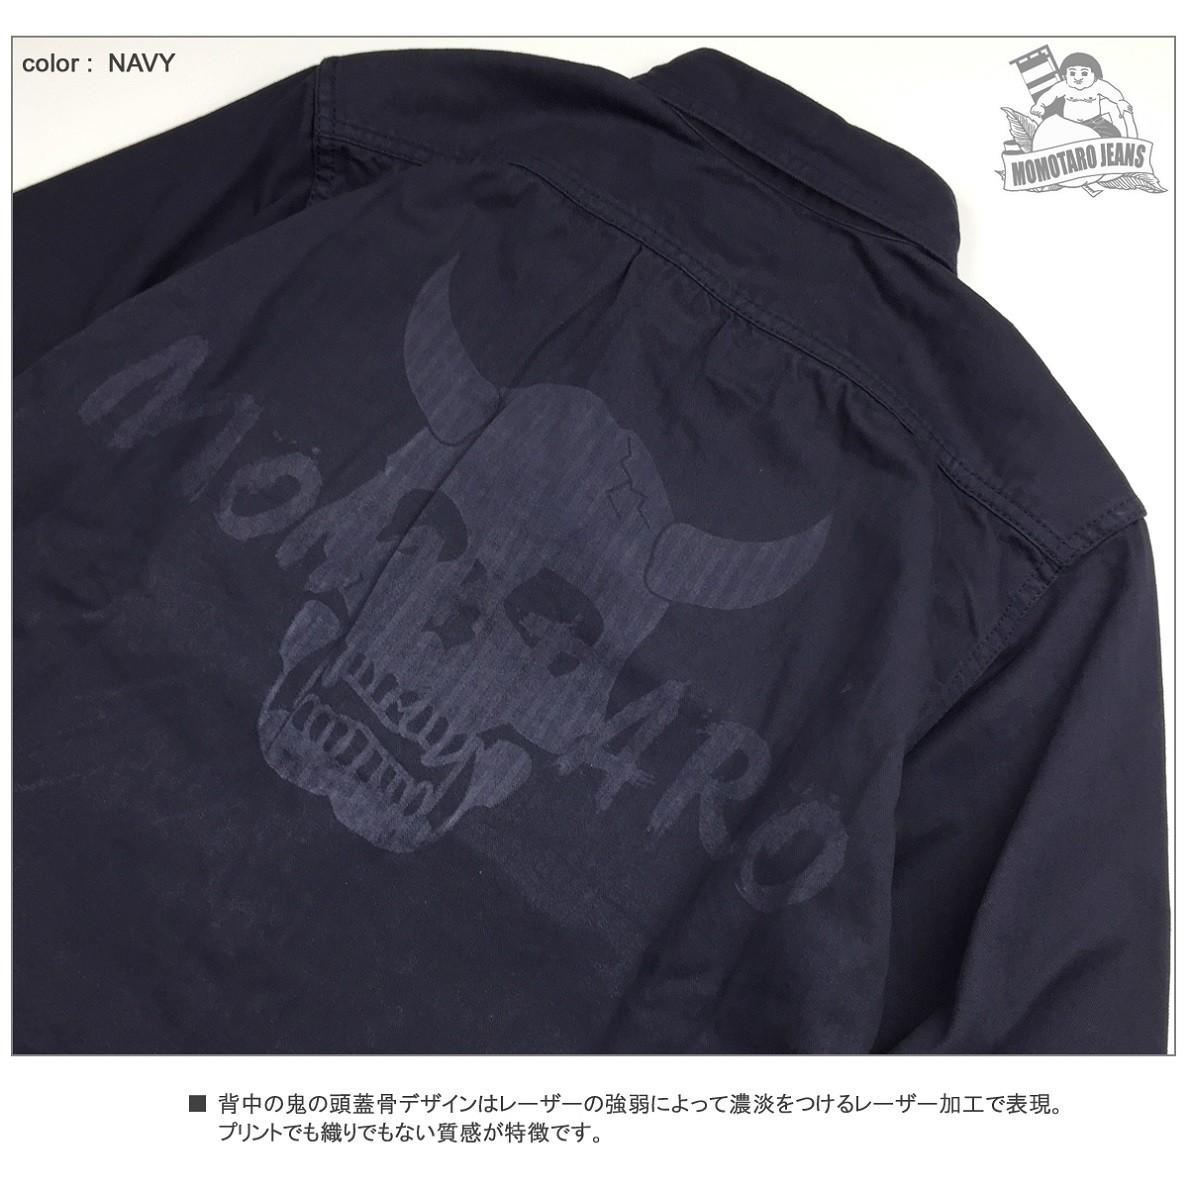 桃太郎ジーンズ 05-160 ワークシャツ 画像6